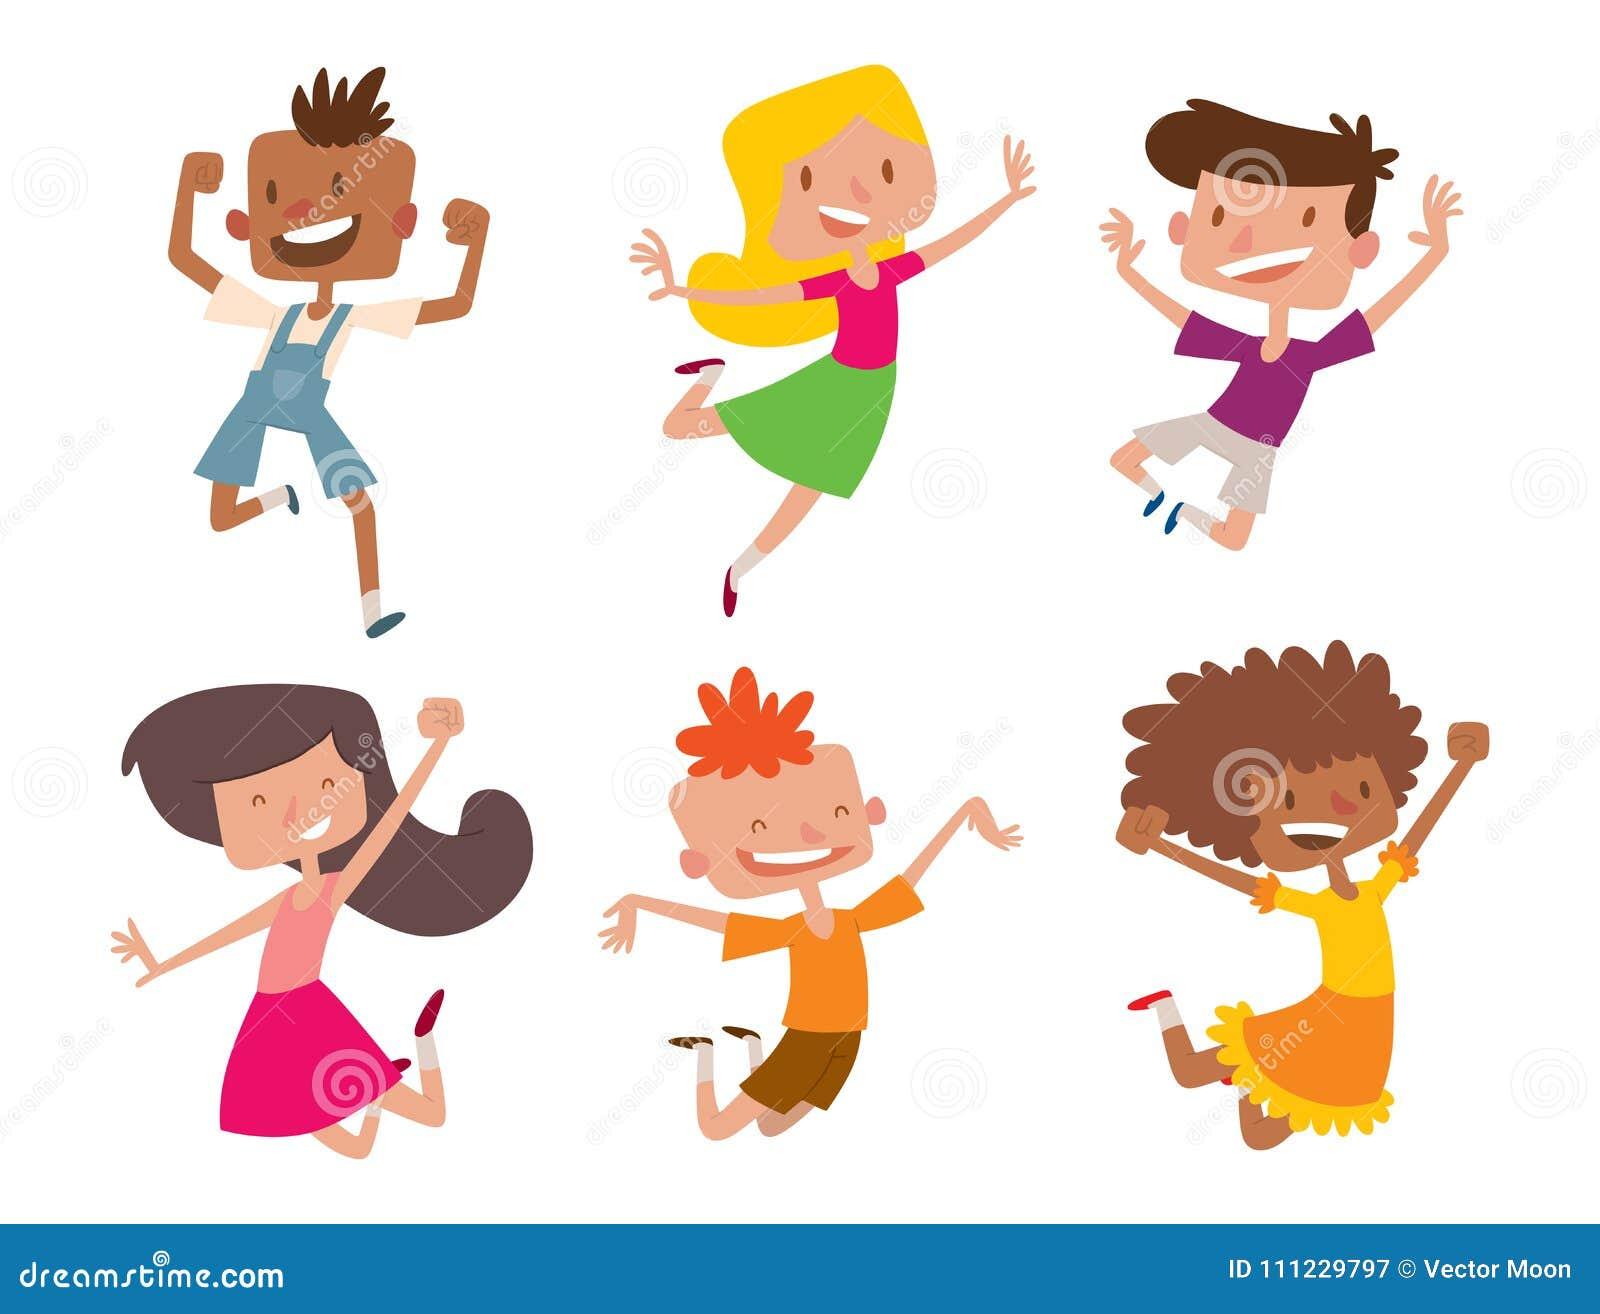 Счастливые дети в векторе различных положений большом скача жизнерадостная группа ребенка и смешной шарж ягнятся радостная команд